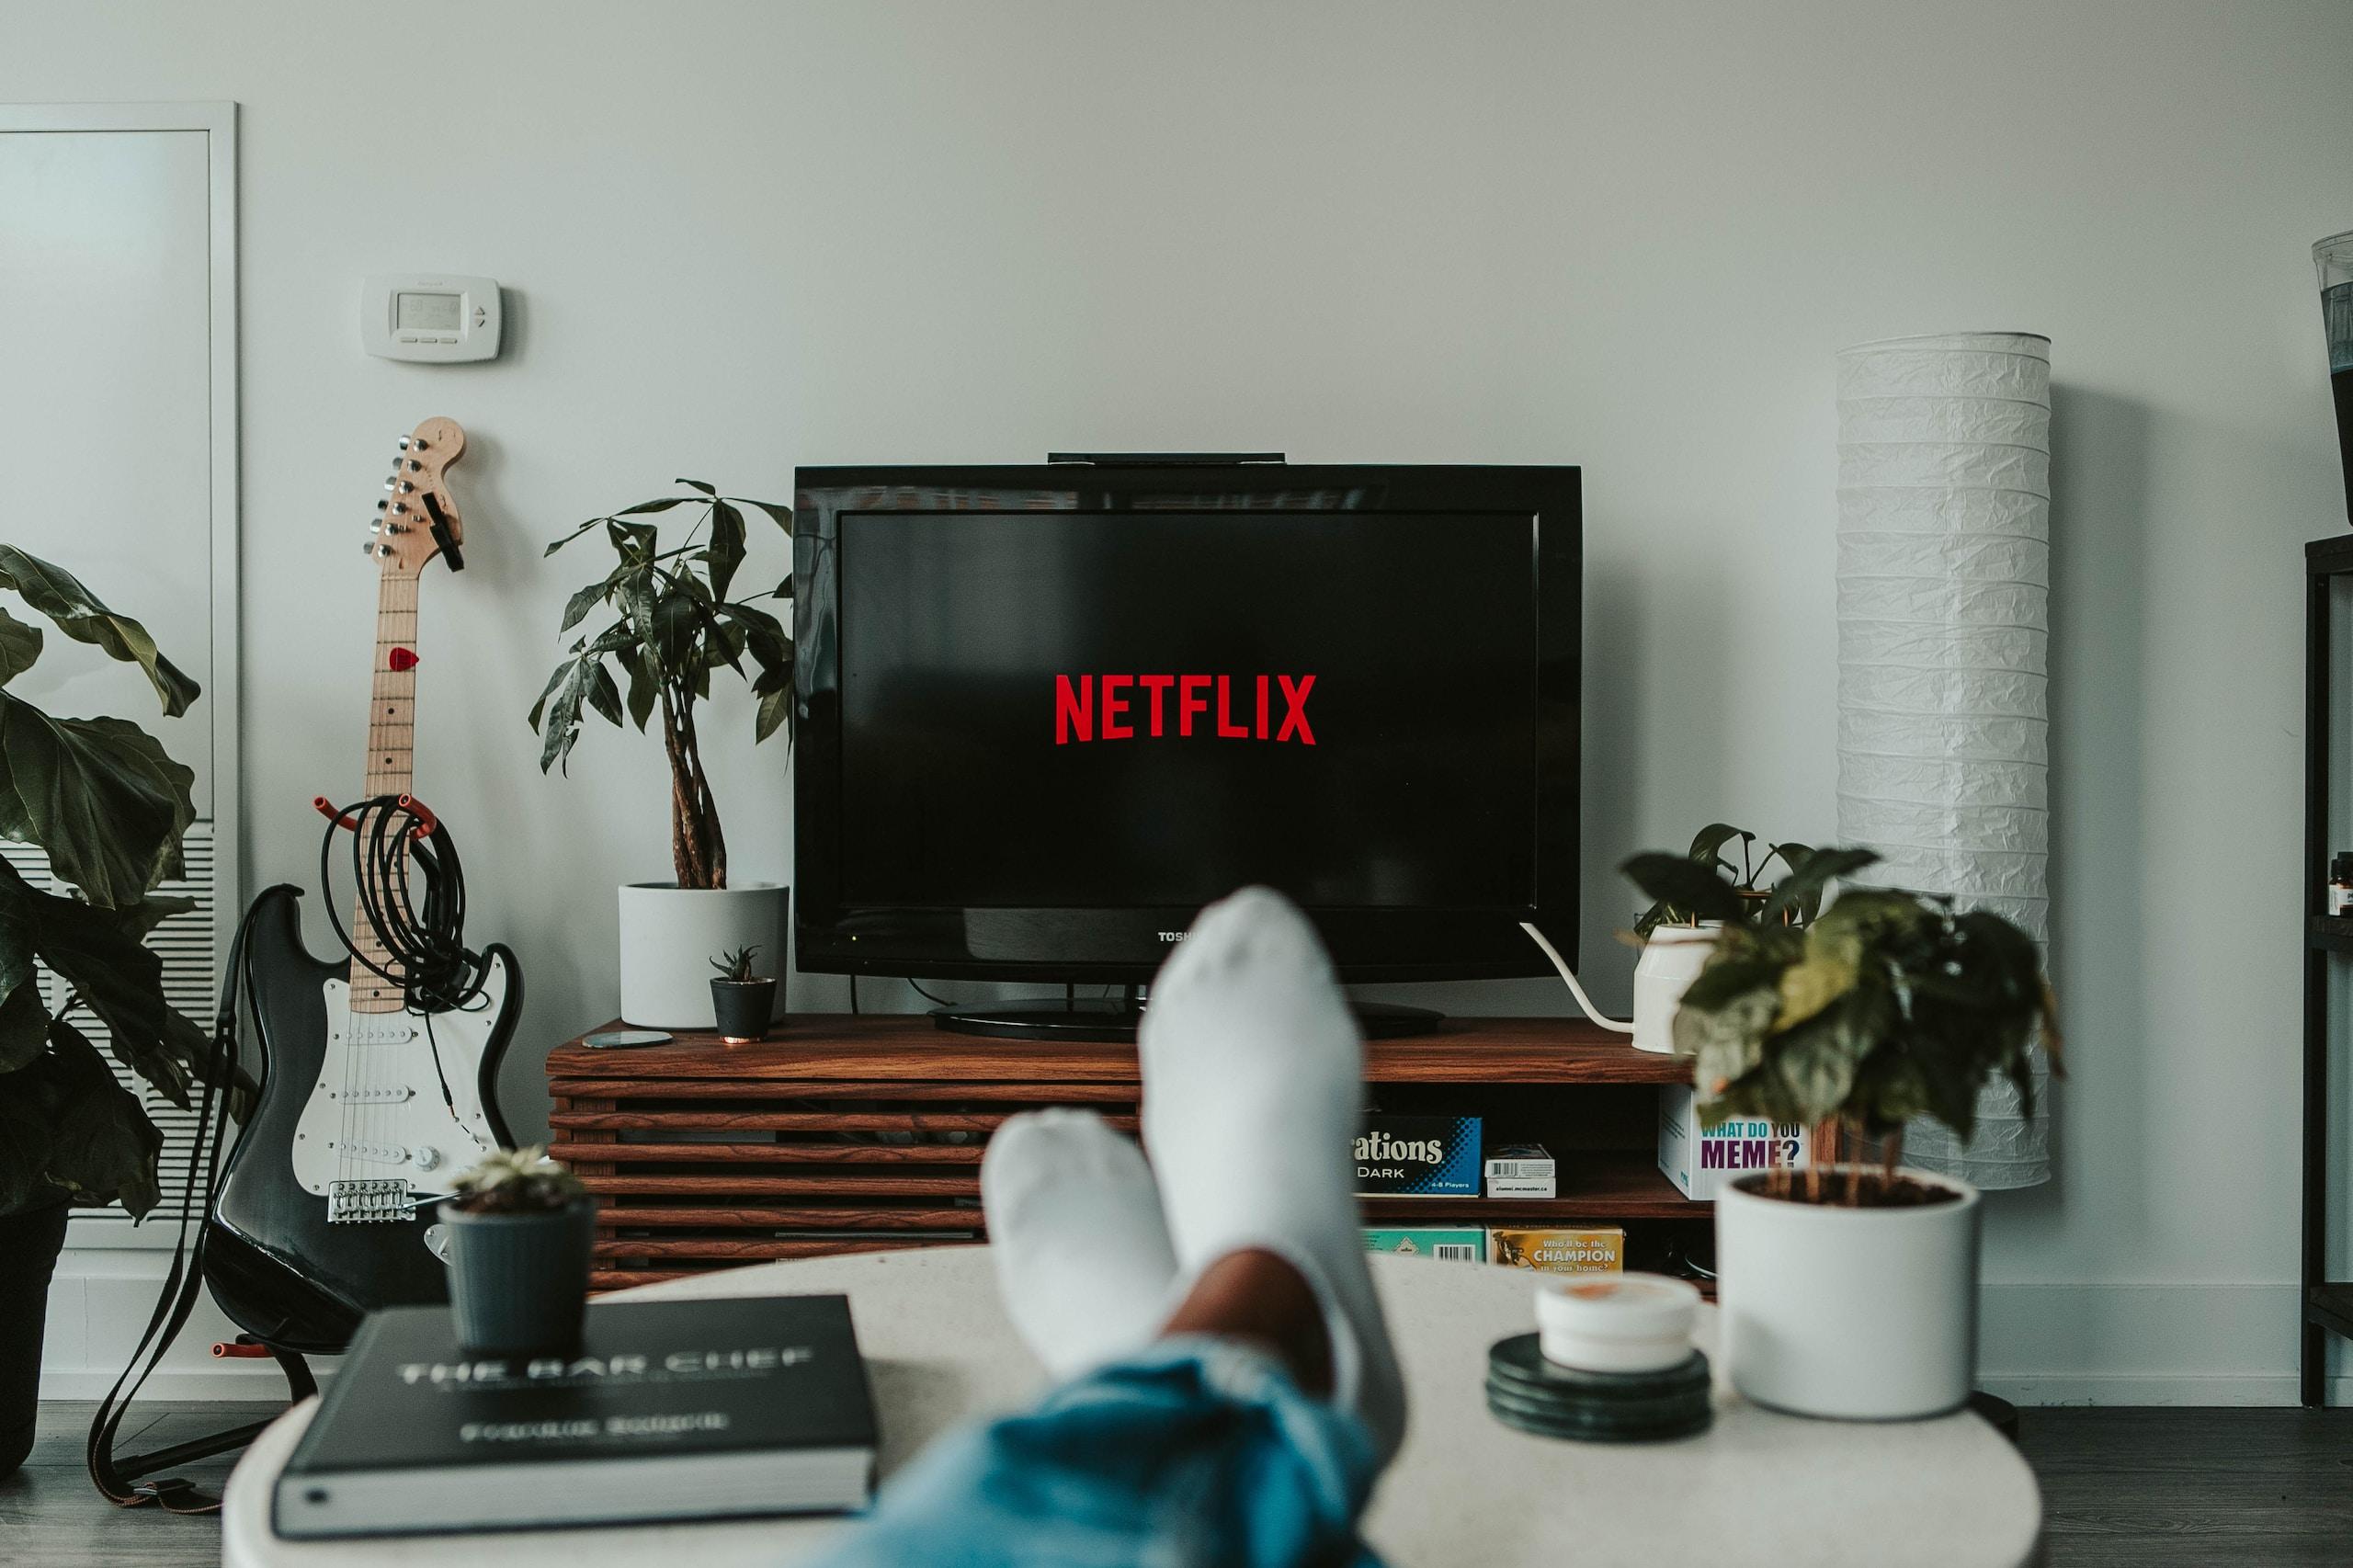 Netflix USA - Netflix - HBO Max - Disney + - VPN